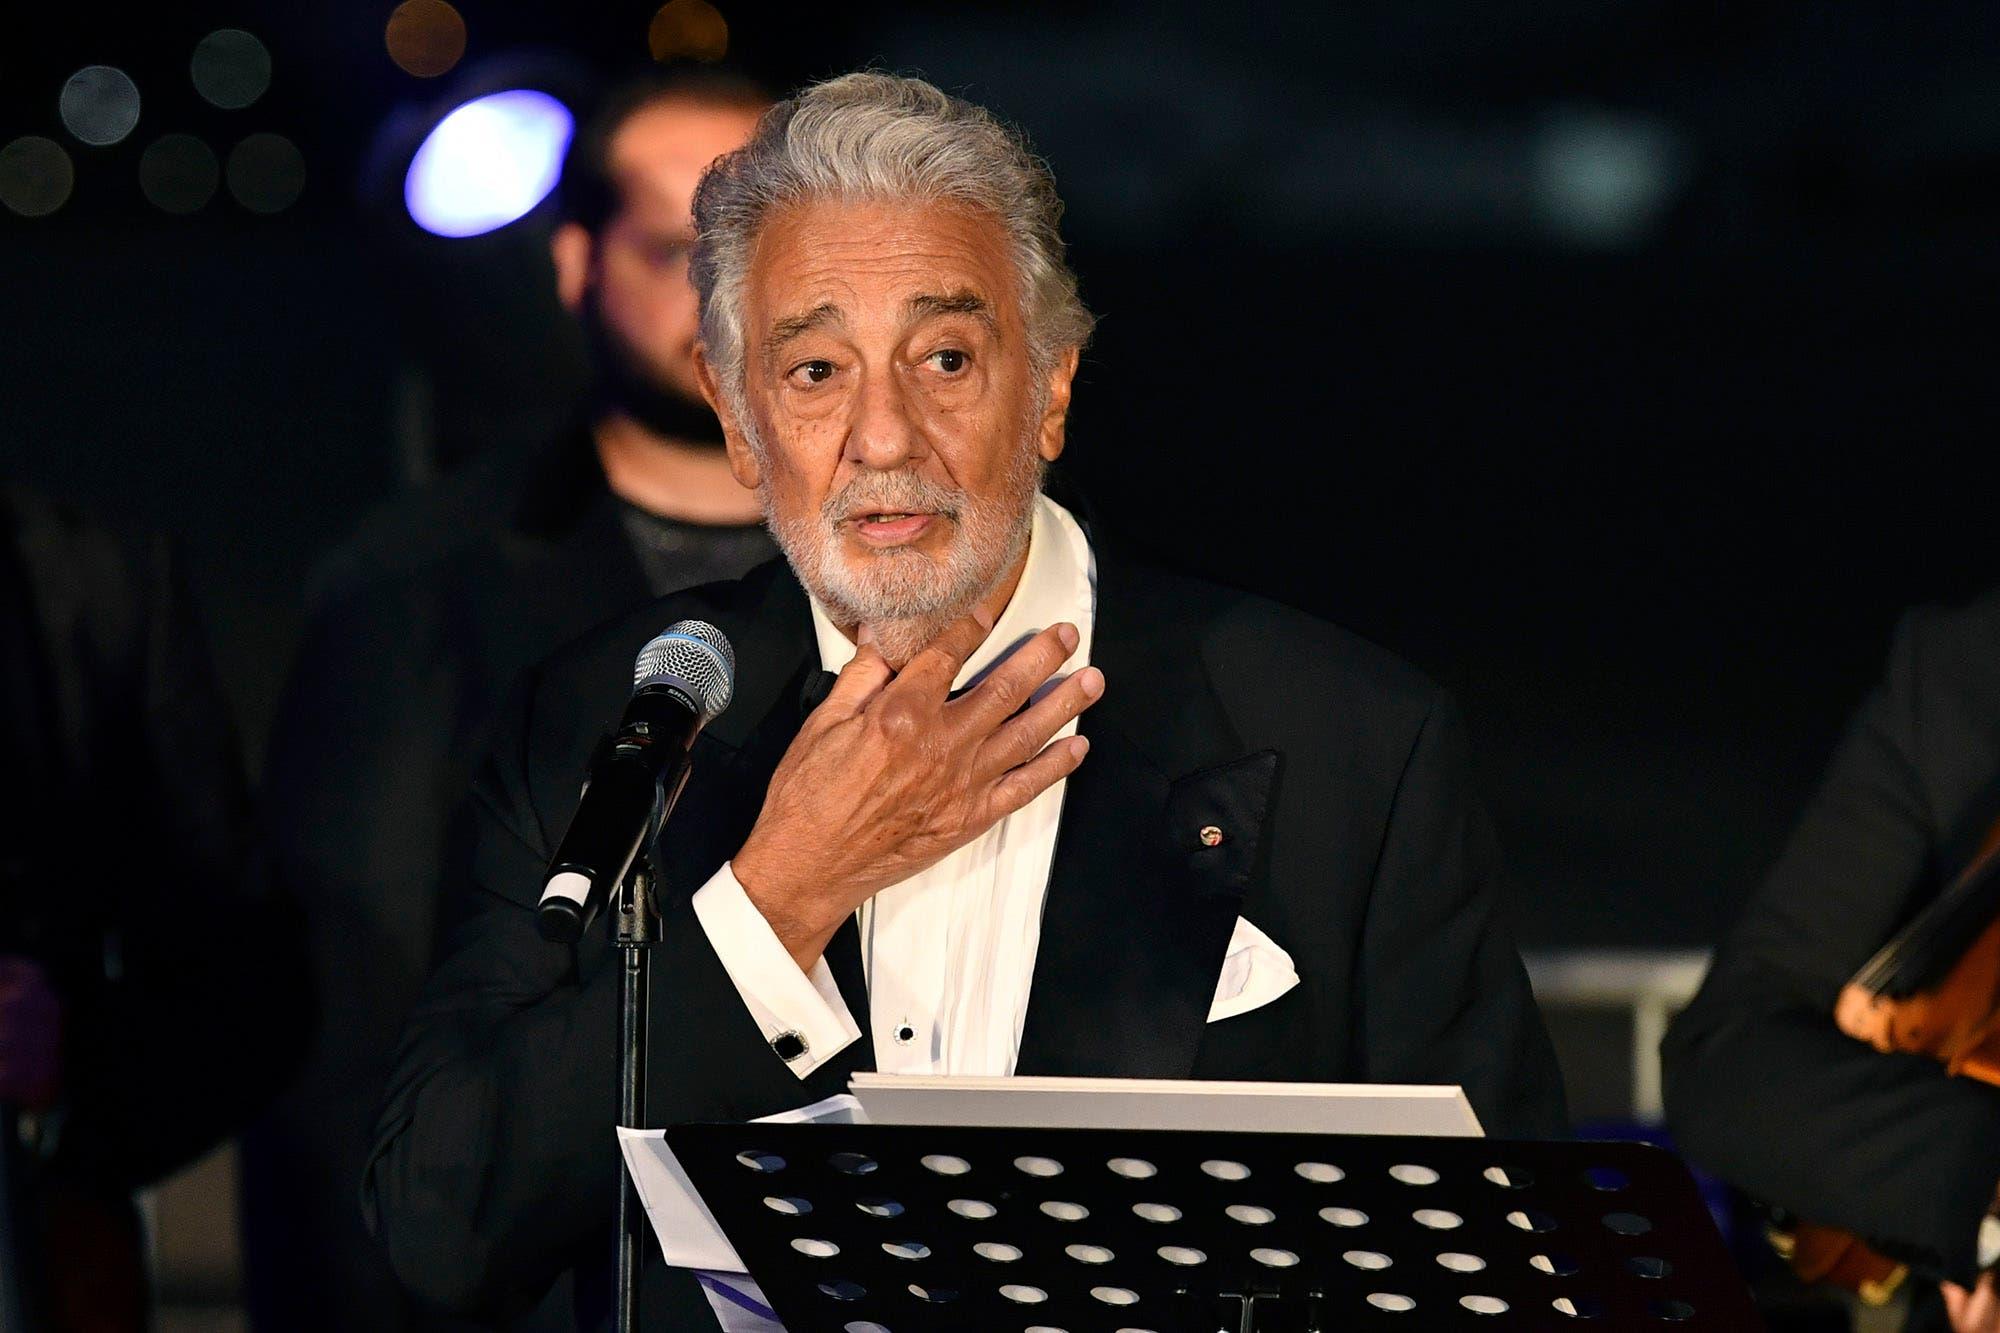 Plácido Domingo, premiado en Salzburgo, negó ser un abusador sexual